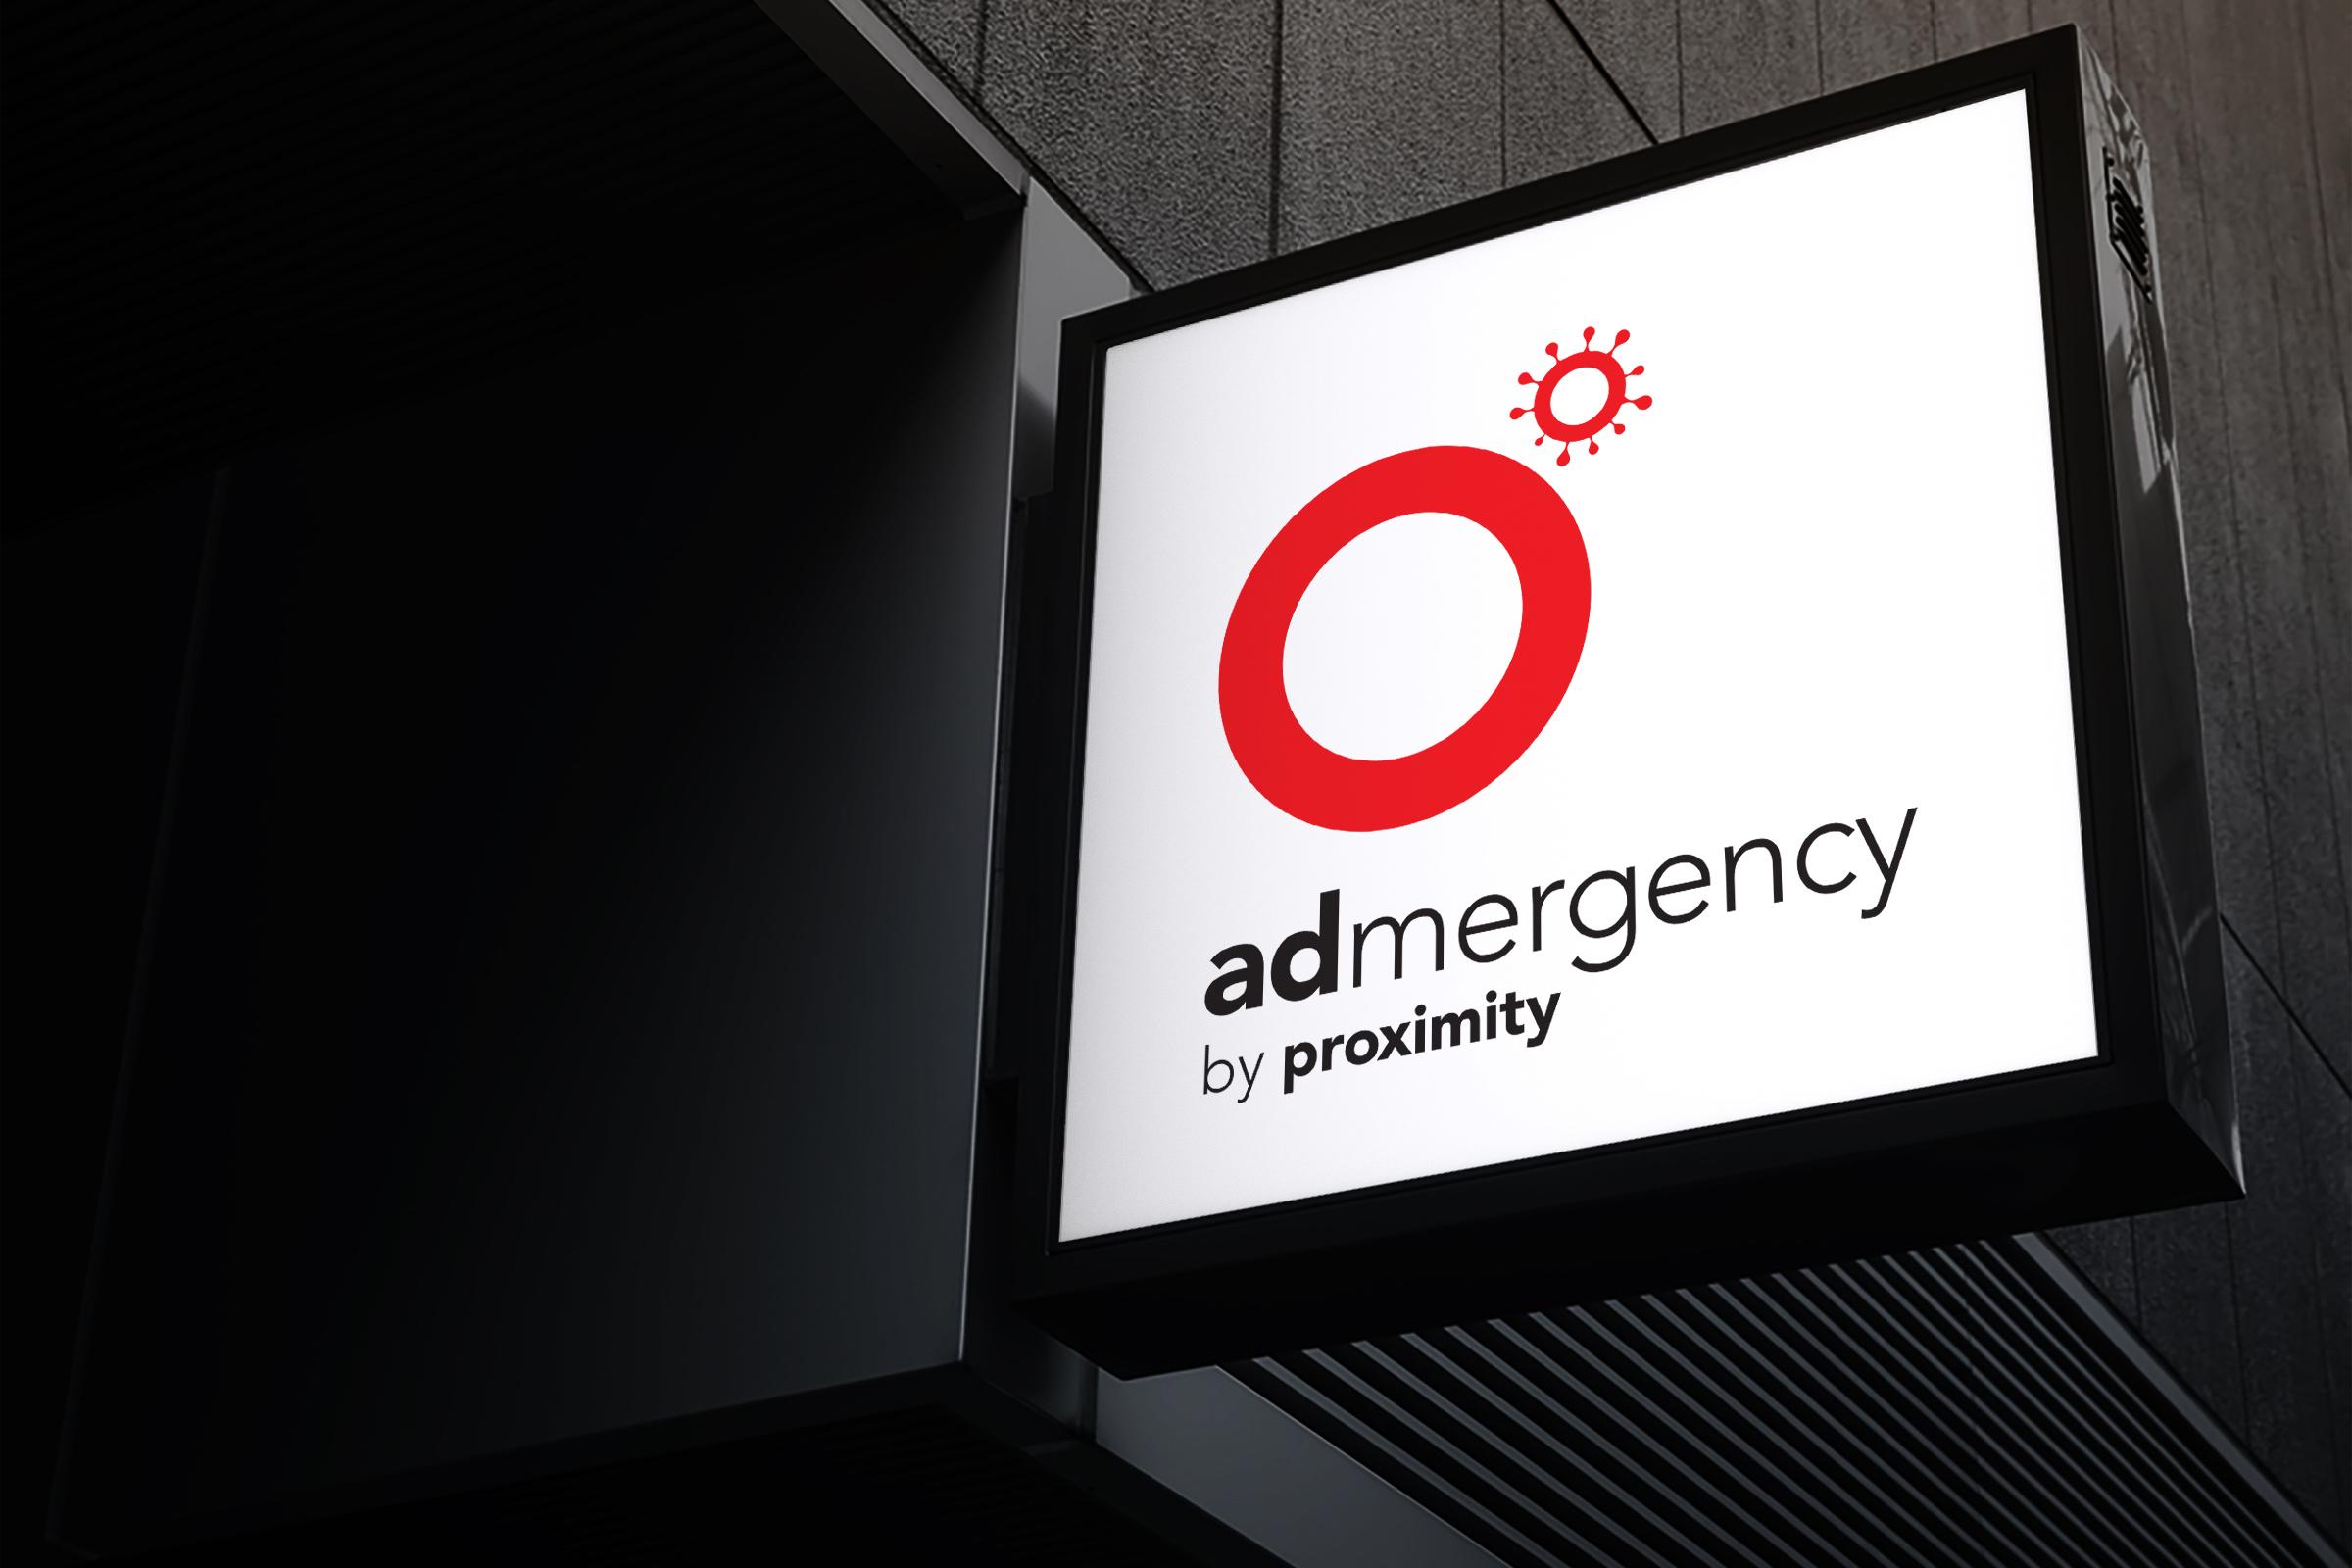 Projekt Admergency agentury Proximity odstartoval 17. září